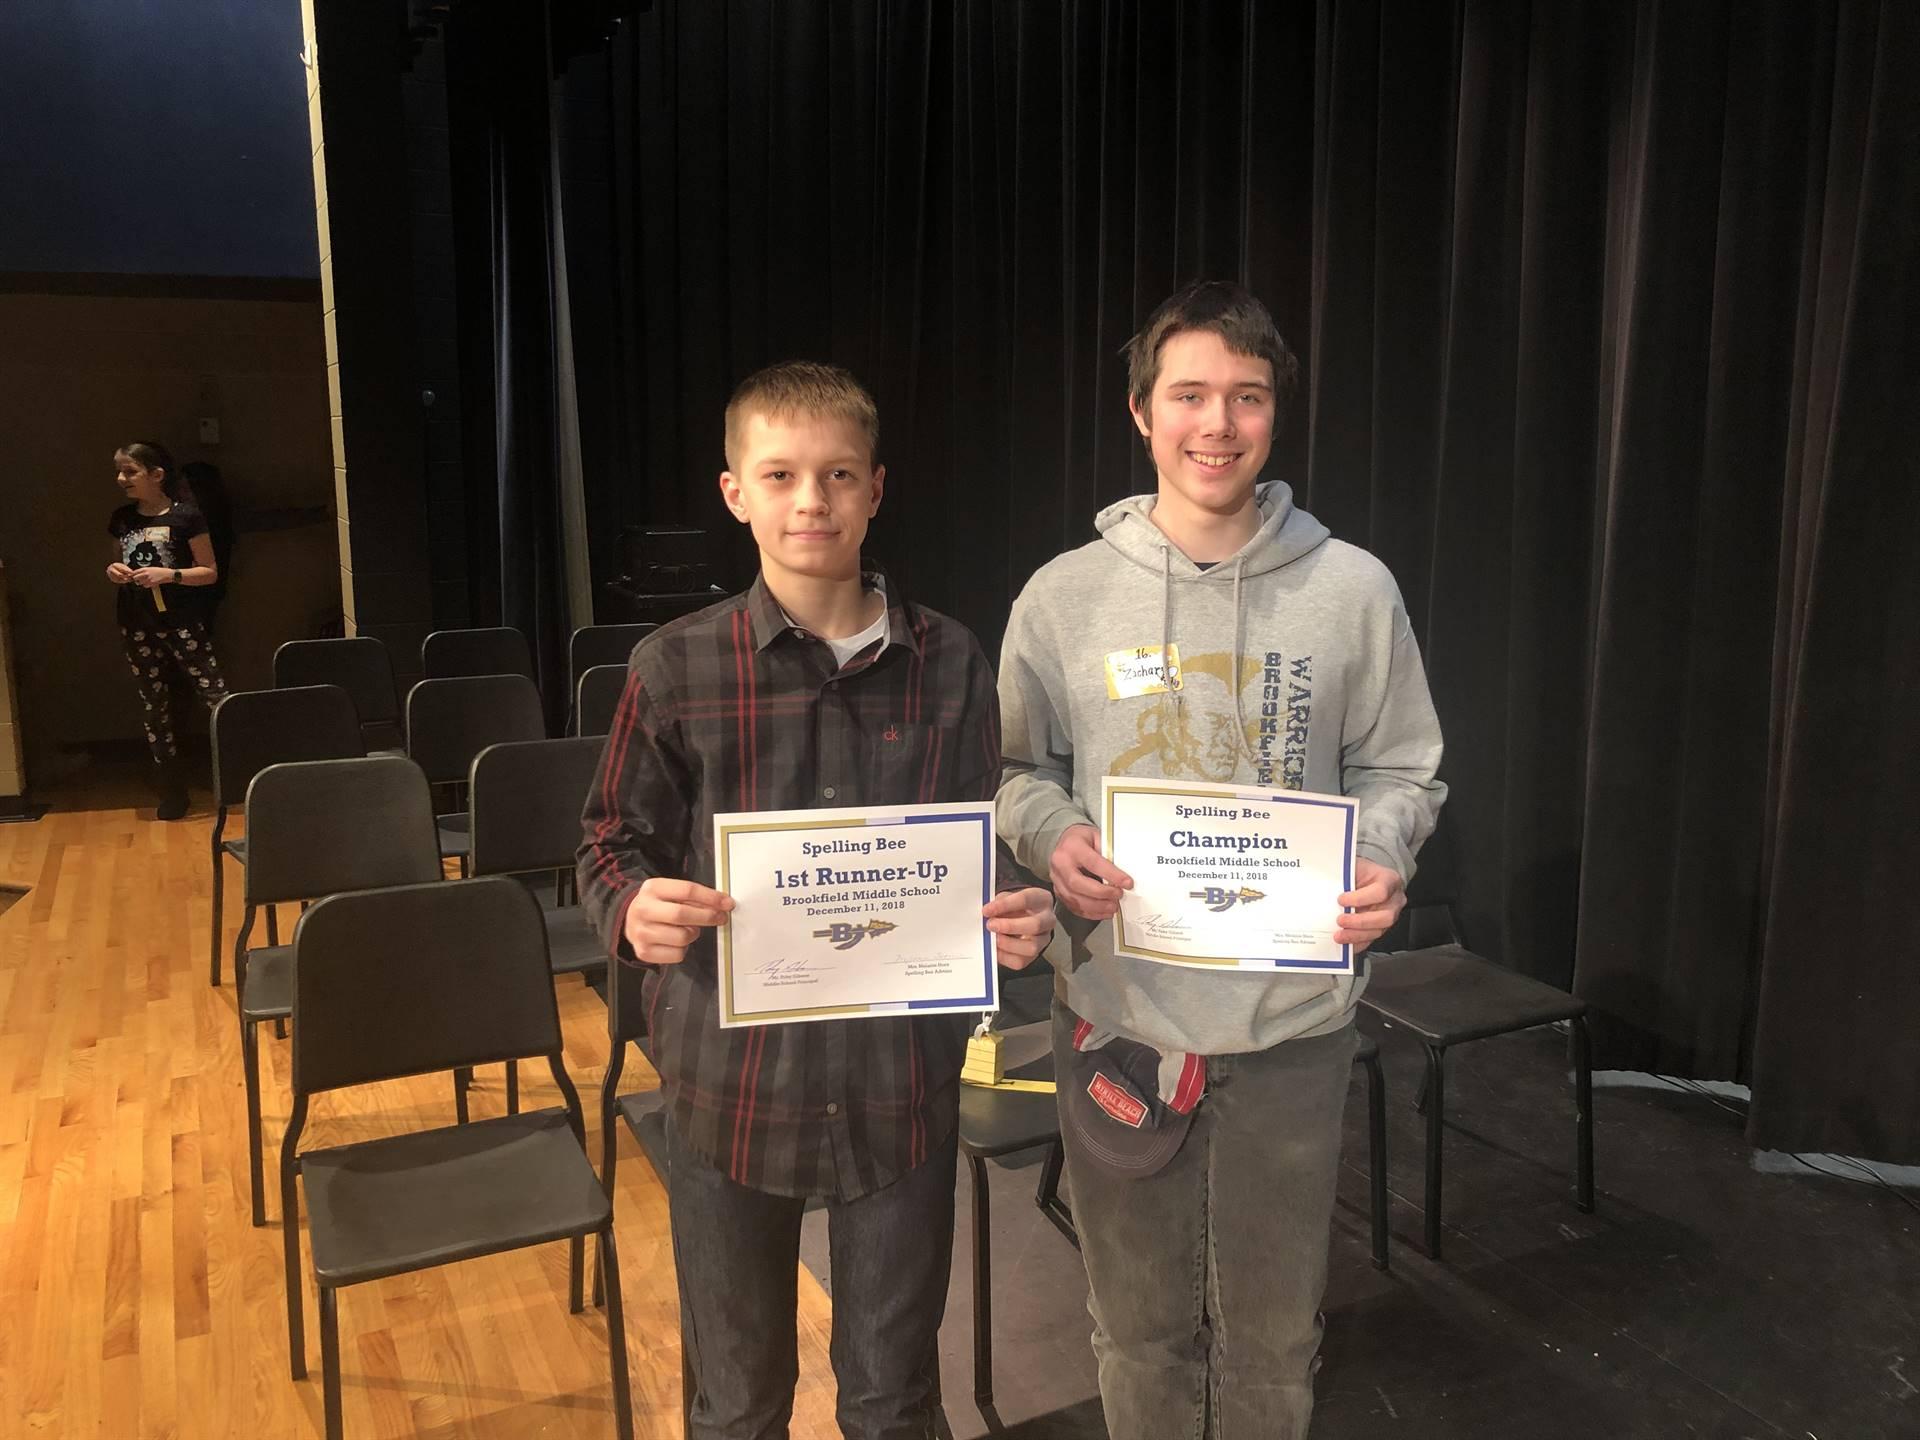 Spelling Bee Champ - Zach Harden    1st Runner-up: Ashton O'Brien